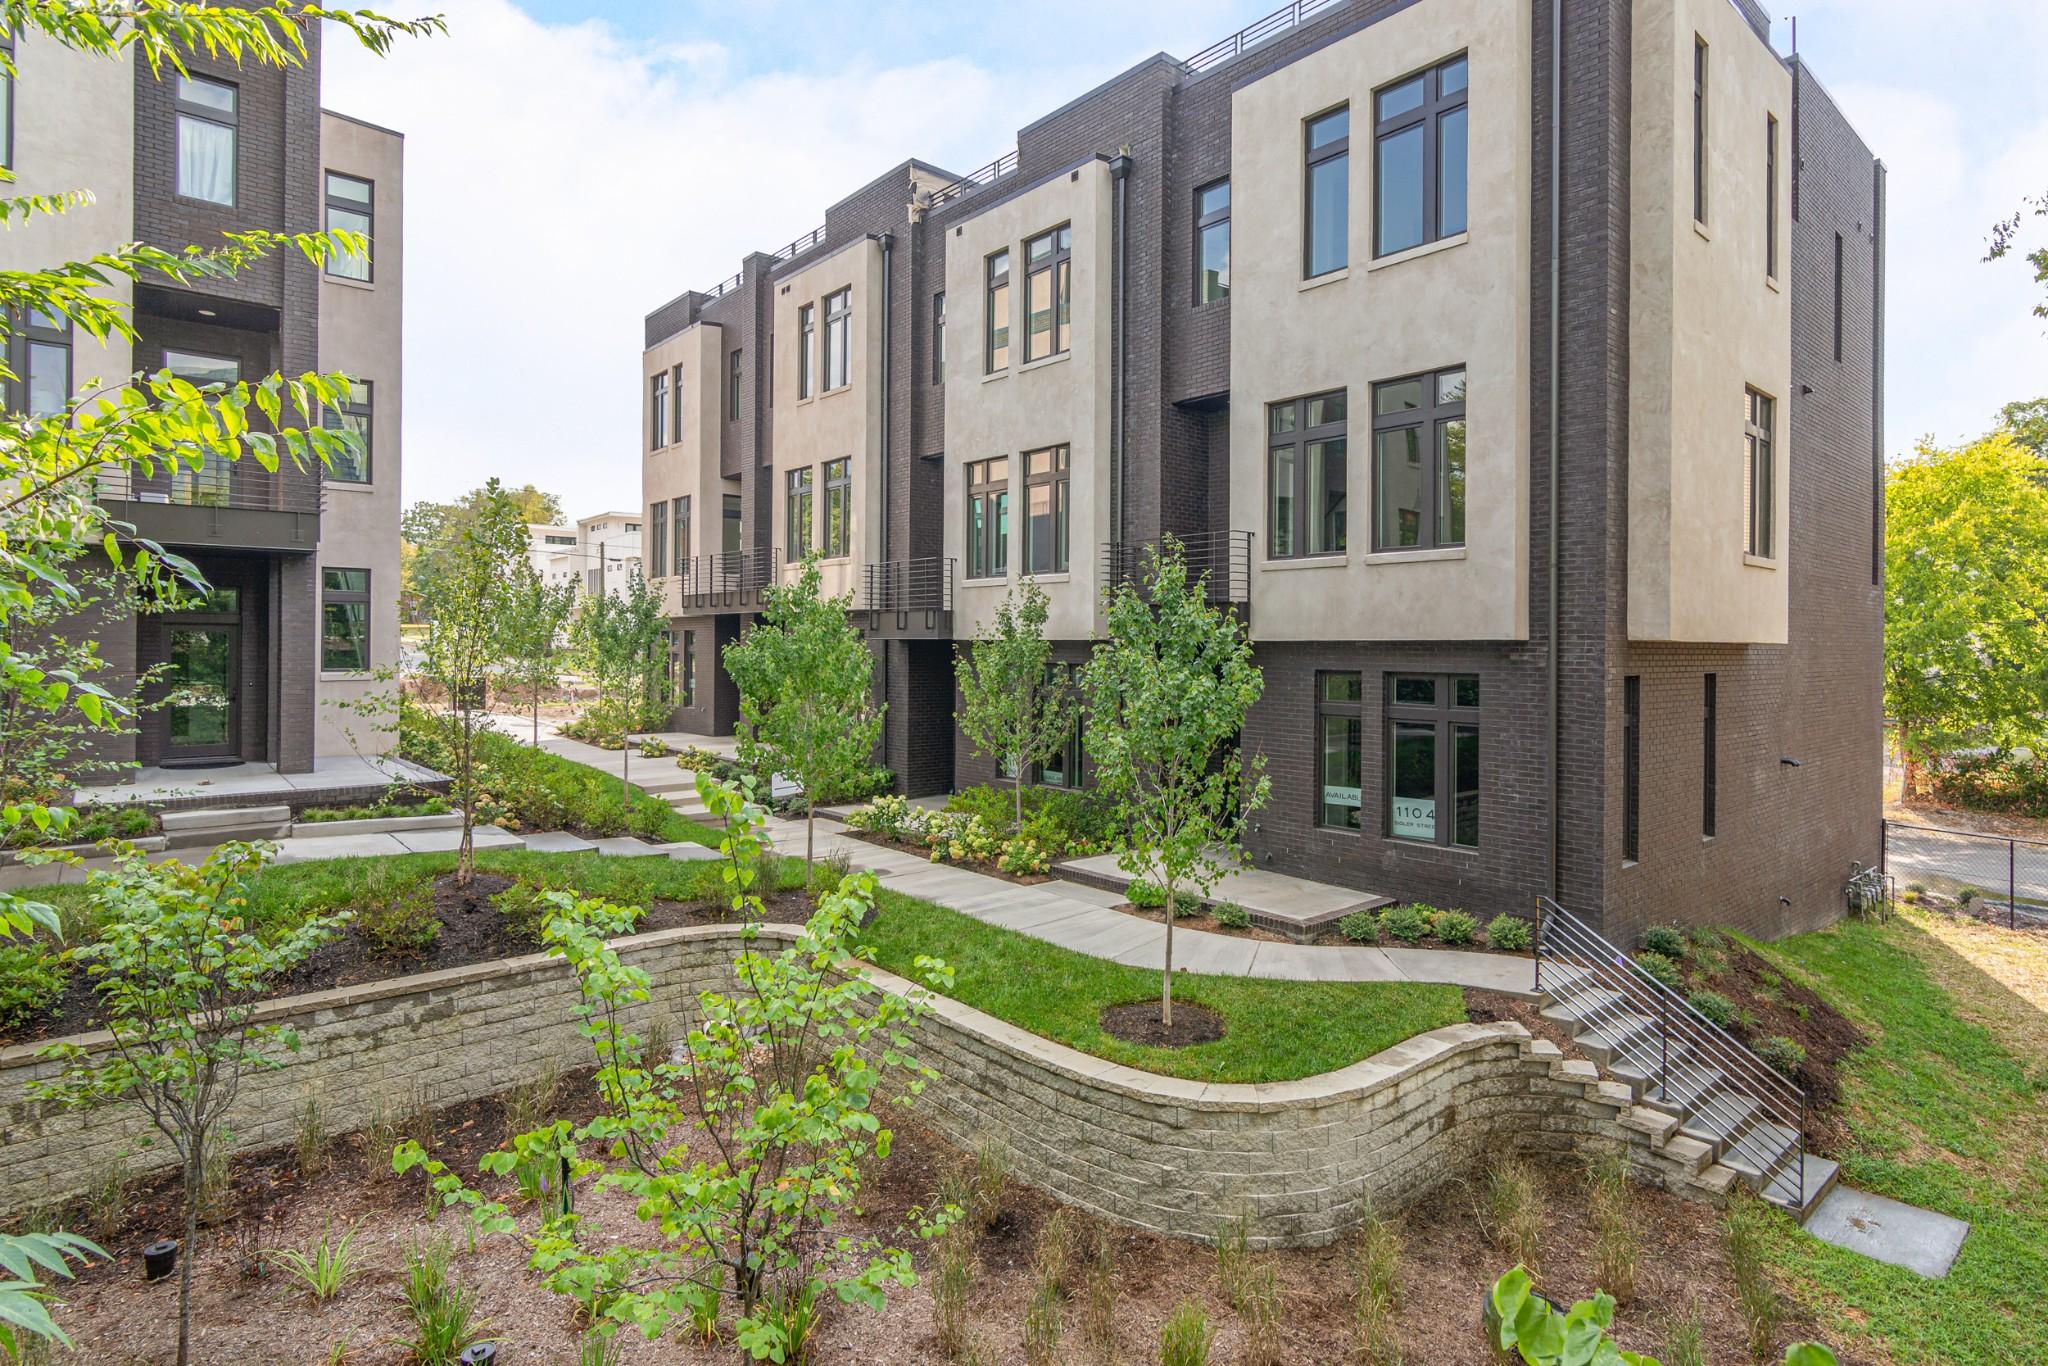 1110 Sigler St, Nashville, TN 37203 - Nashville, TN real estate listing